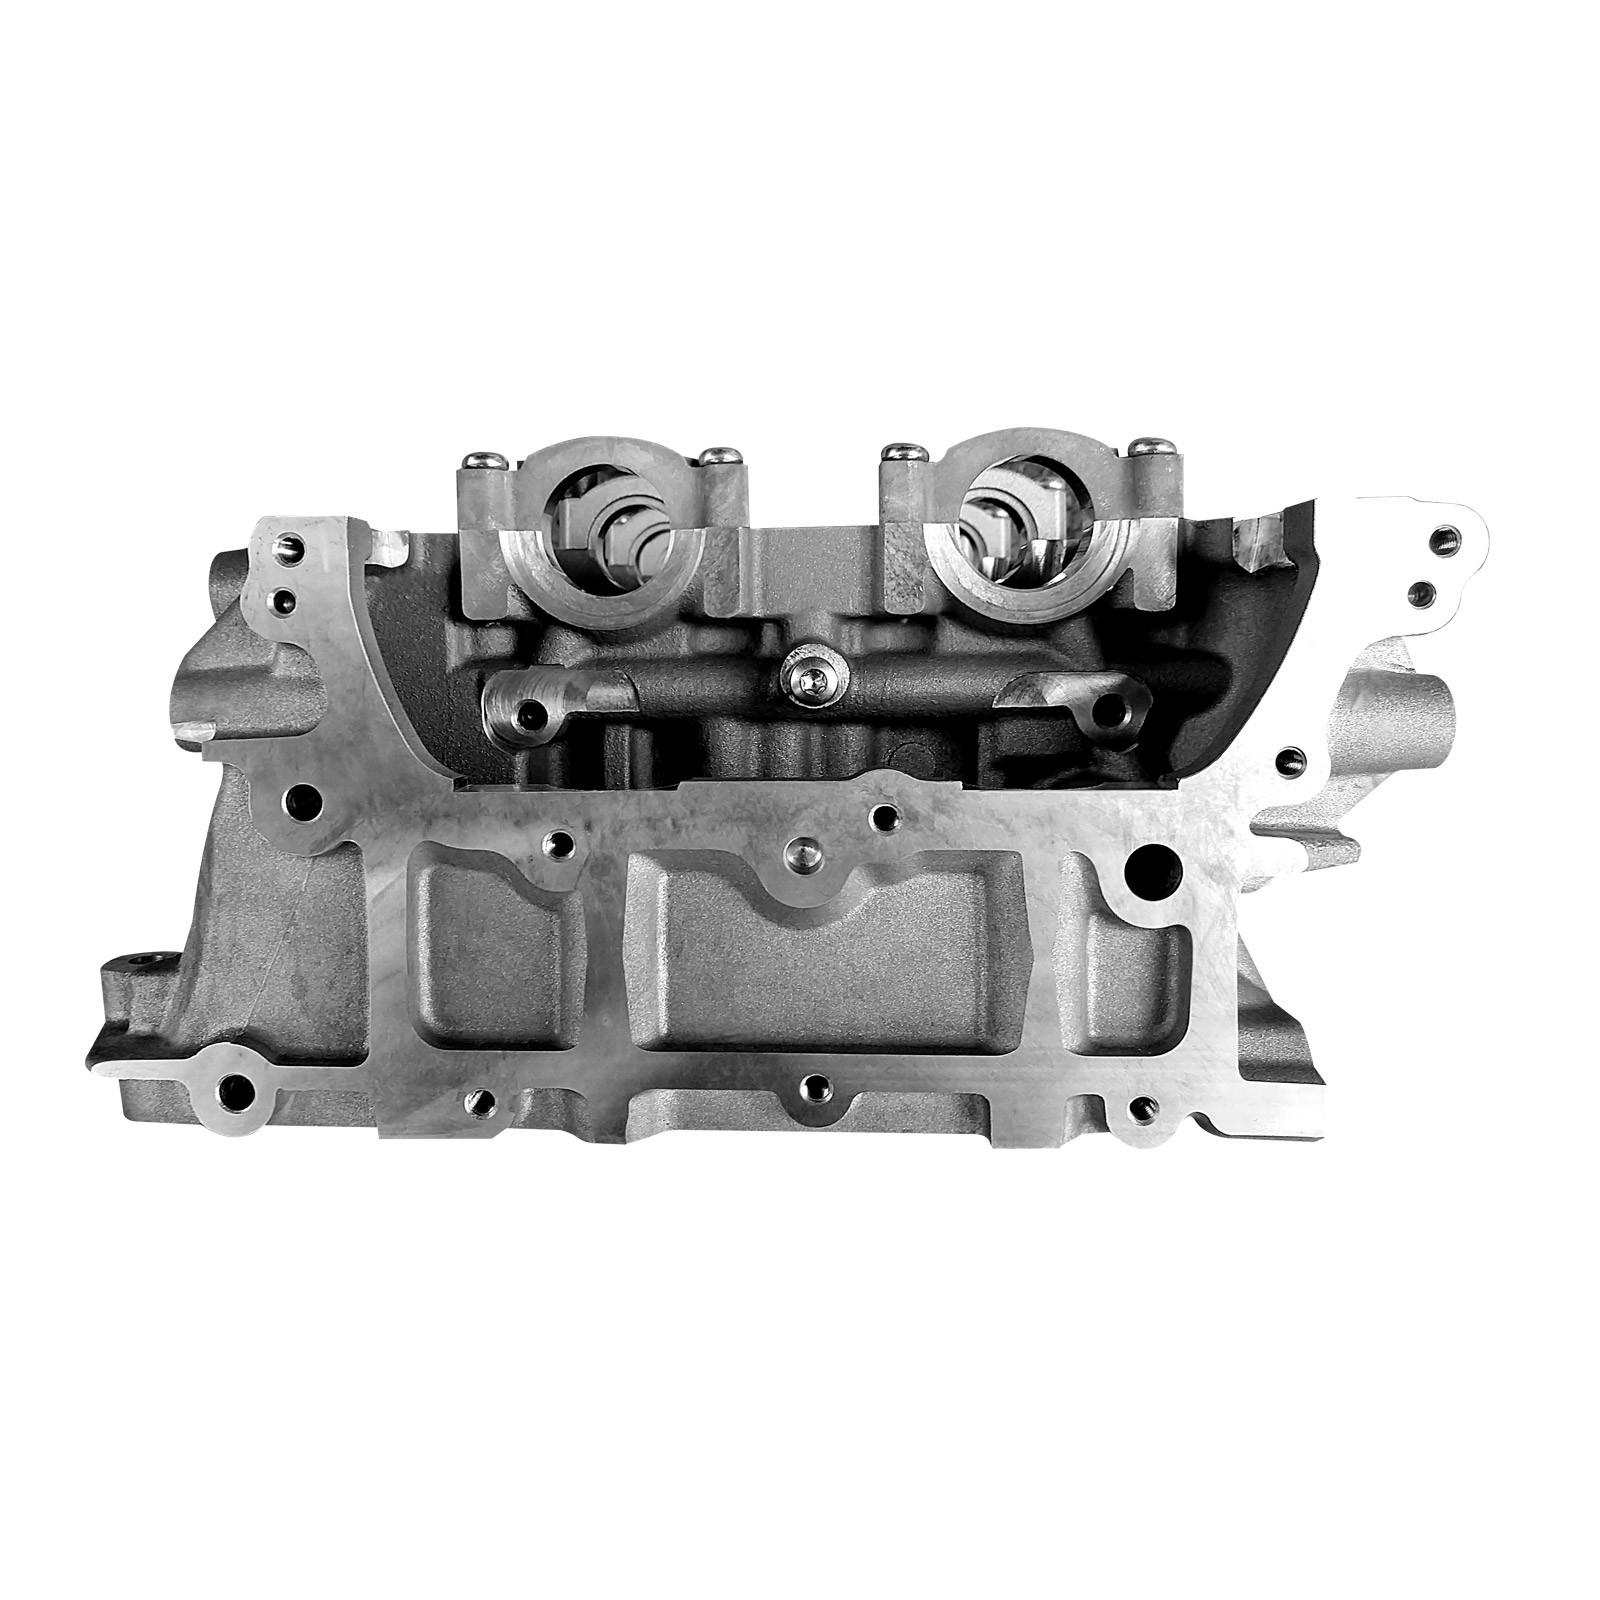 Cabeçote Sprinter  515 2.2 16V CDI Euro V Ano 2012 a 2018 Novo Importado